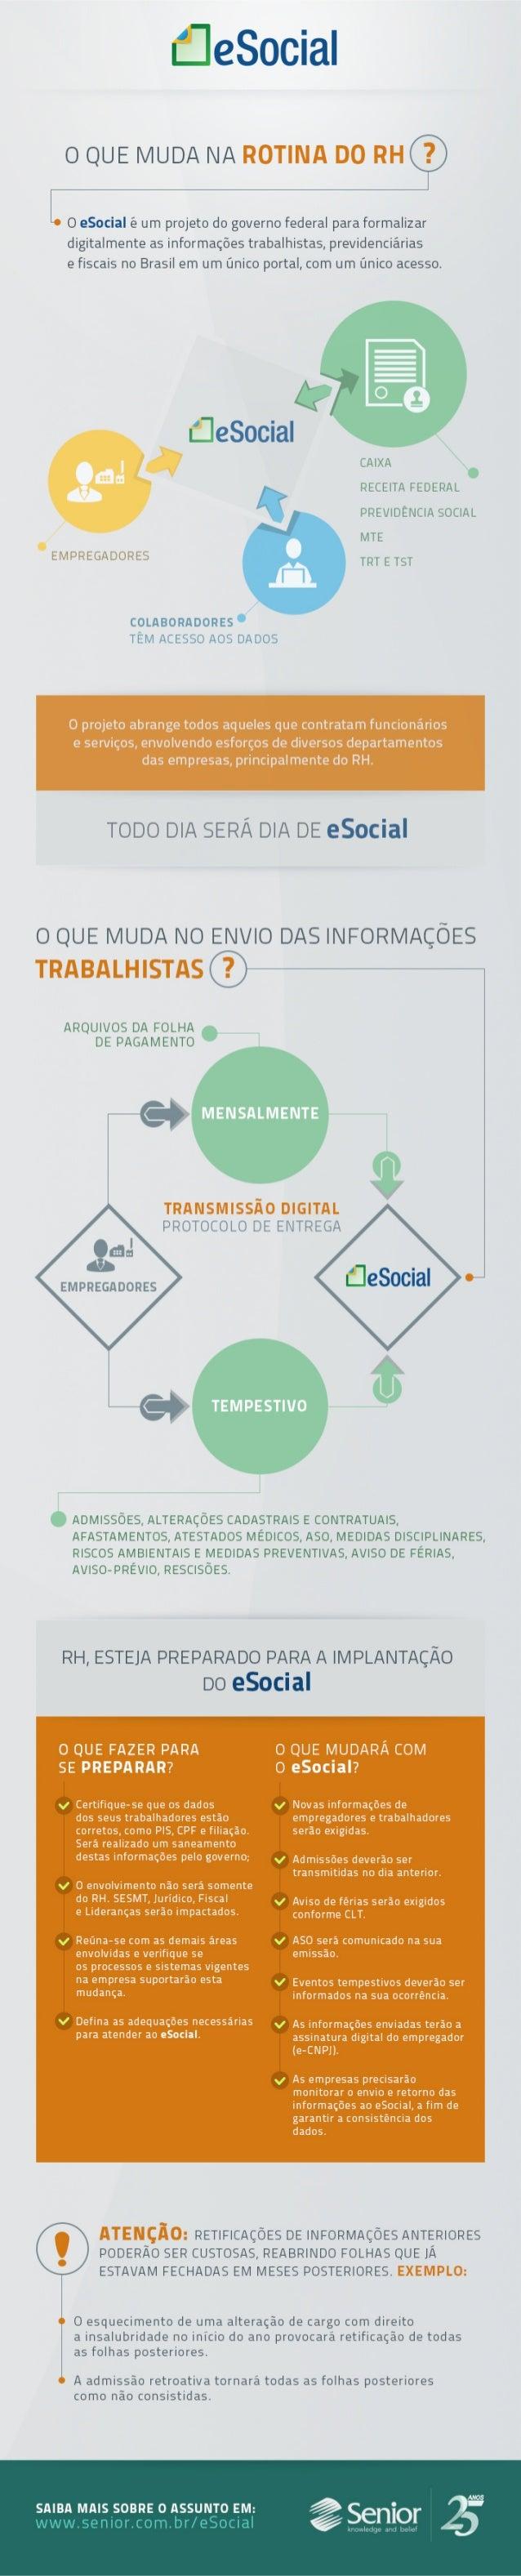 eSocial - Infográfico: O que muda na rotina do RH?